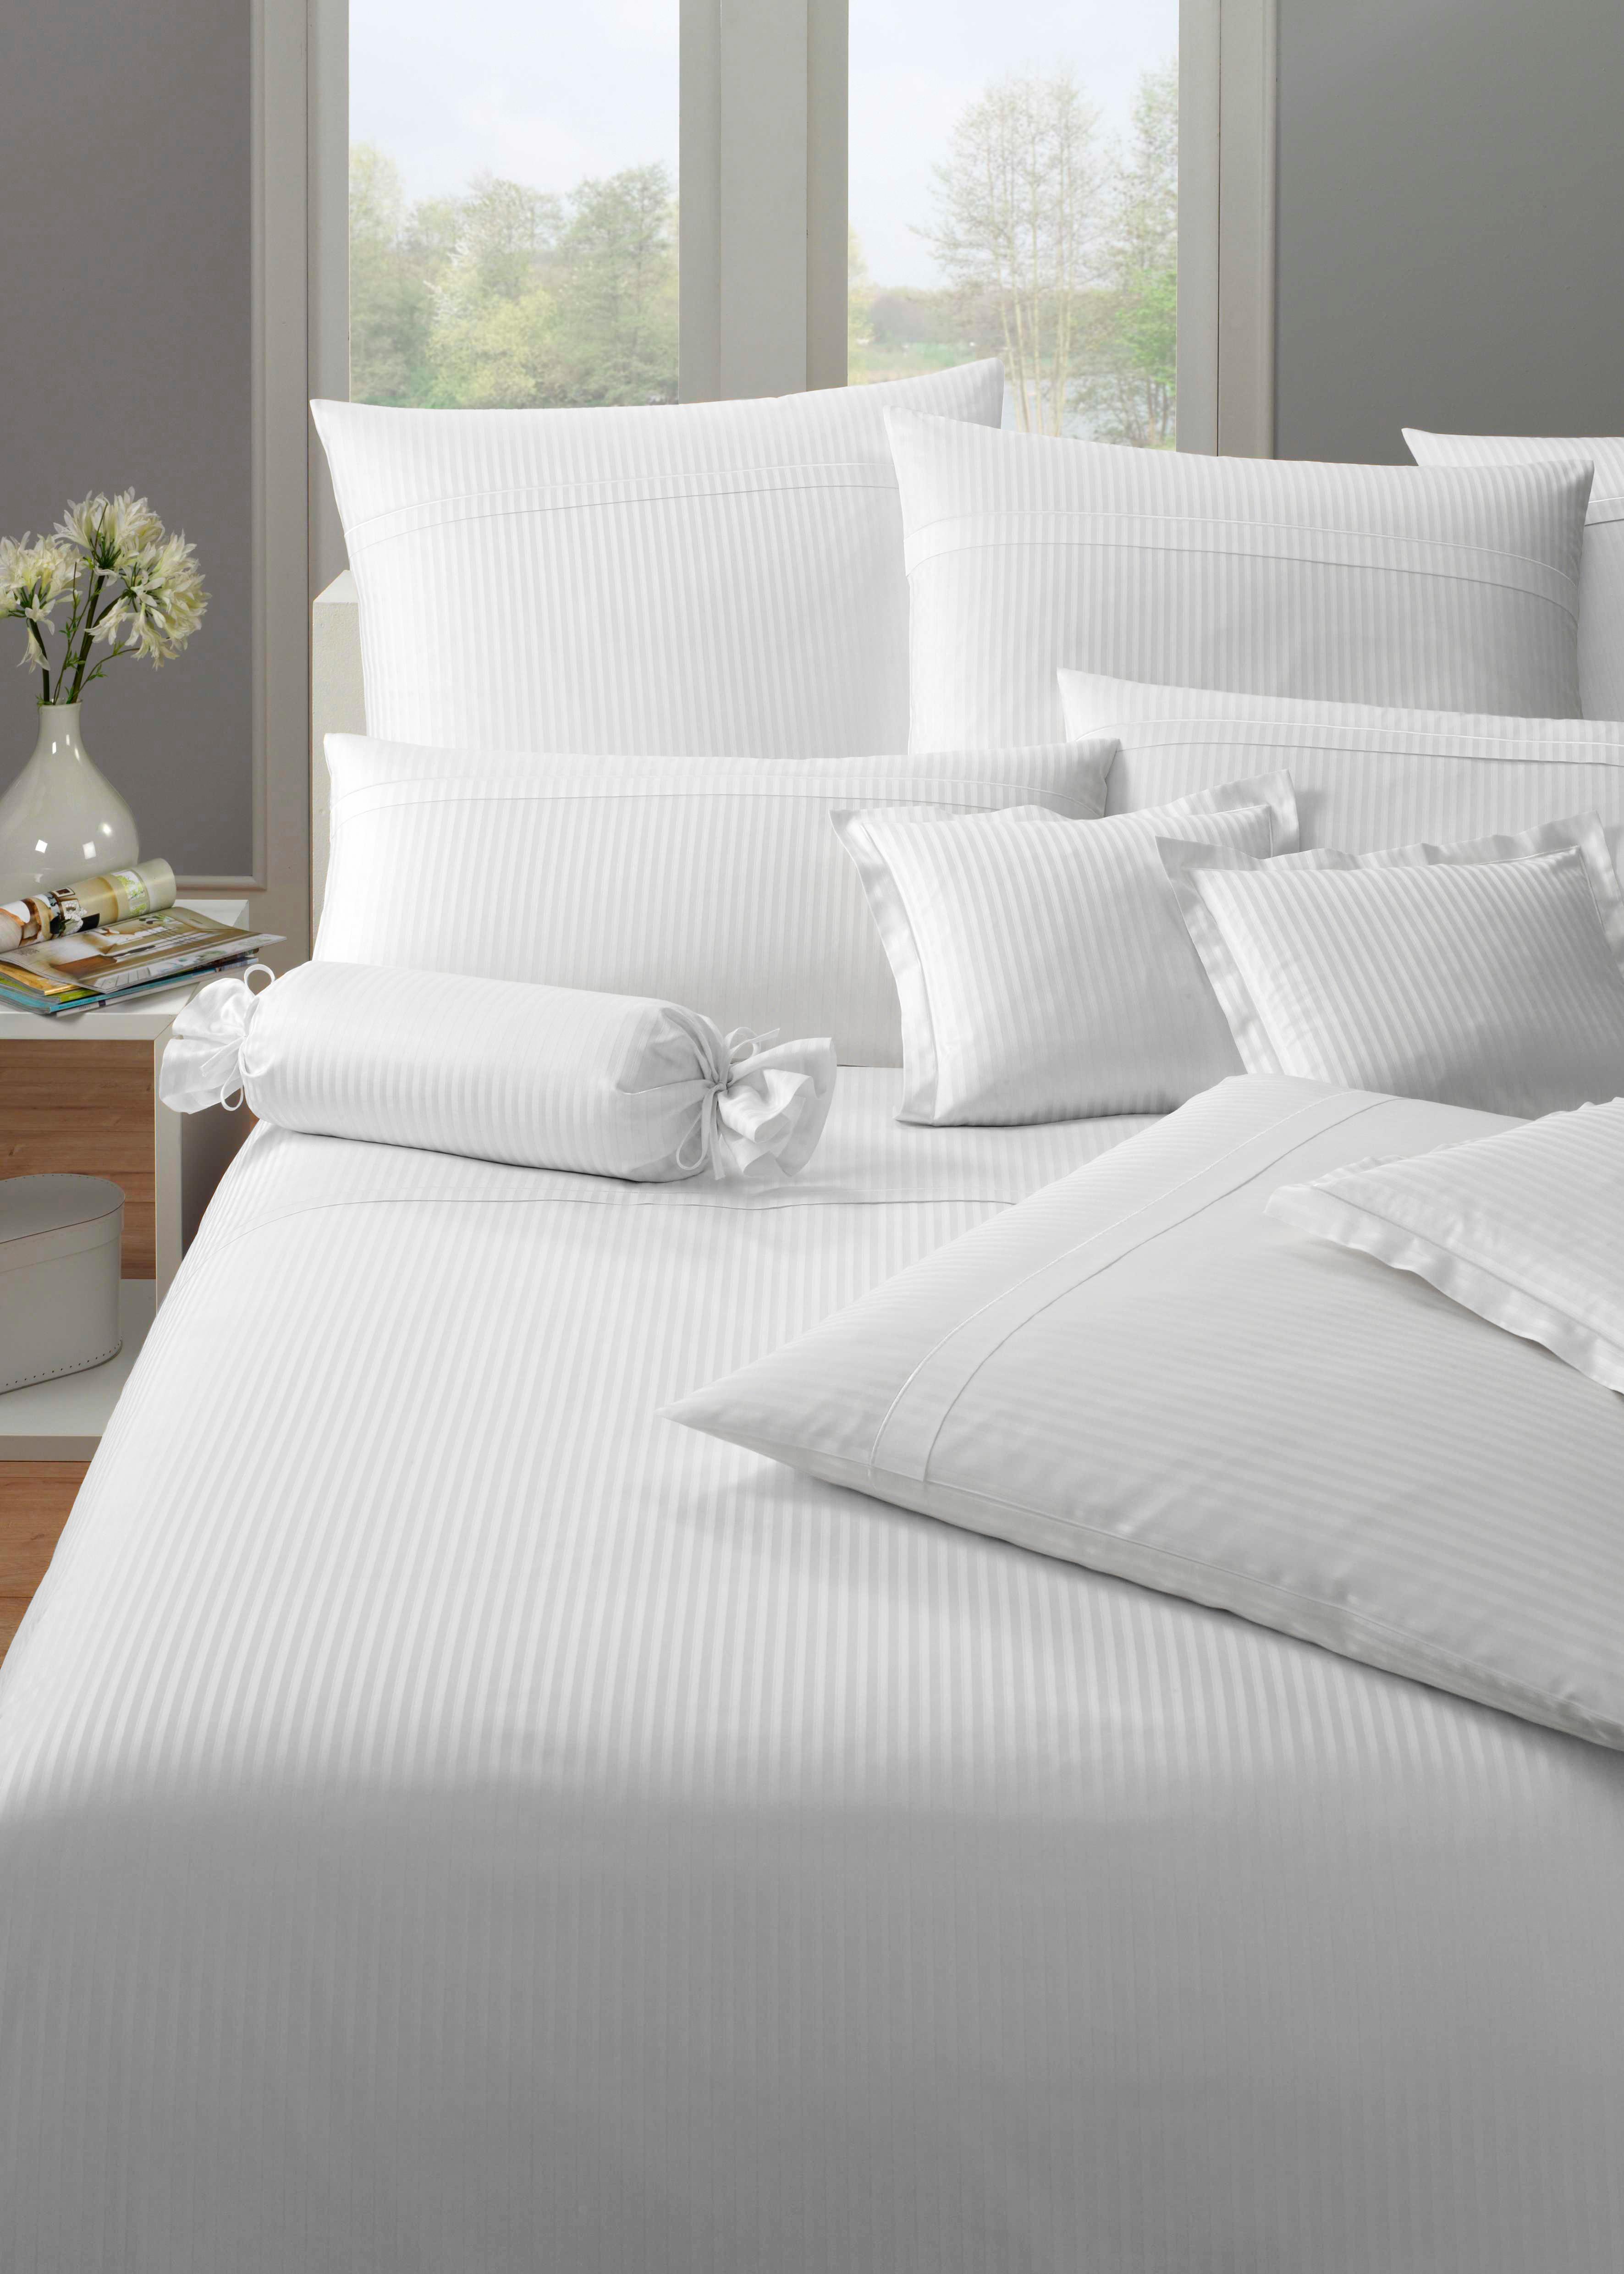 Bettwäsche Milano Elegante   Heimtextilien > Bettwäsche und Laken > Bettwäsche-Garnituren   Weiß   Elegante